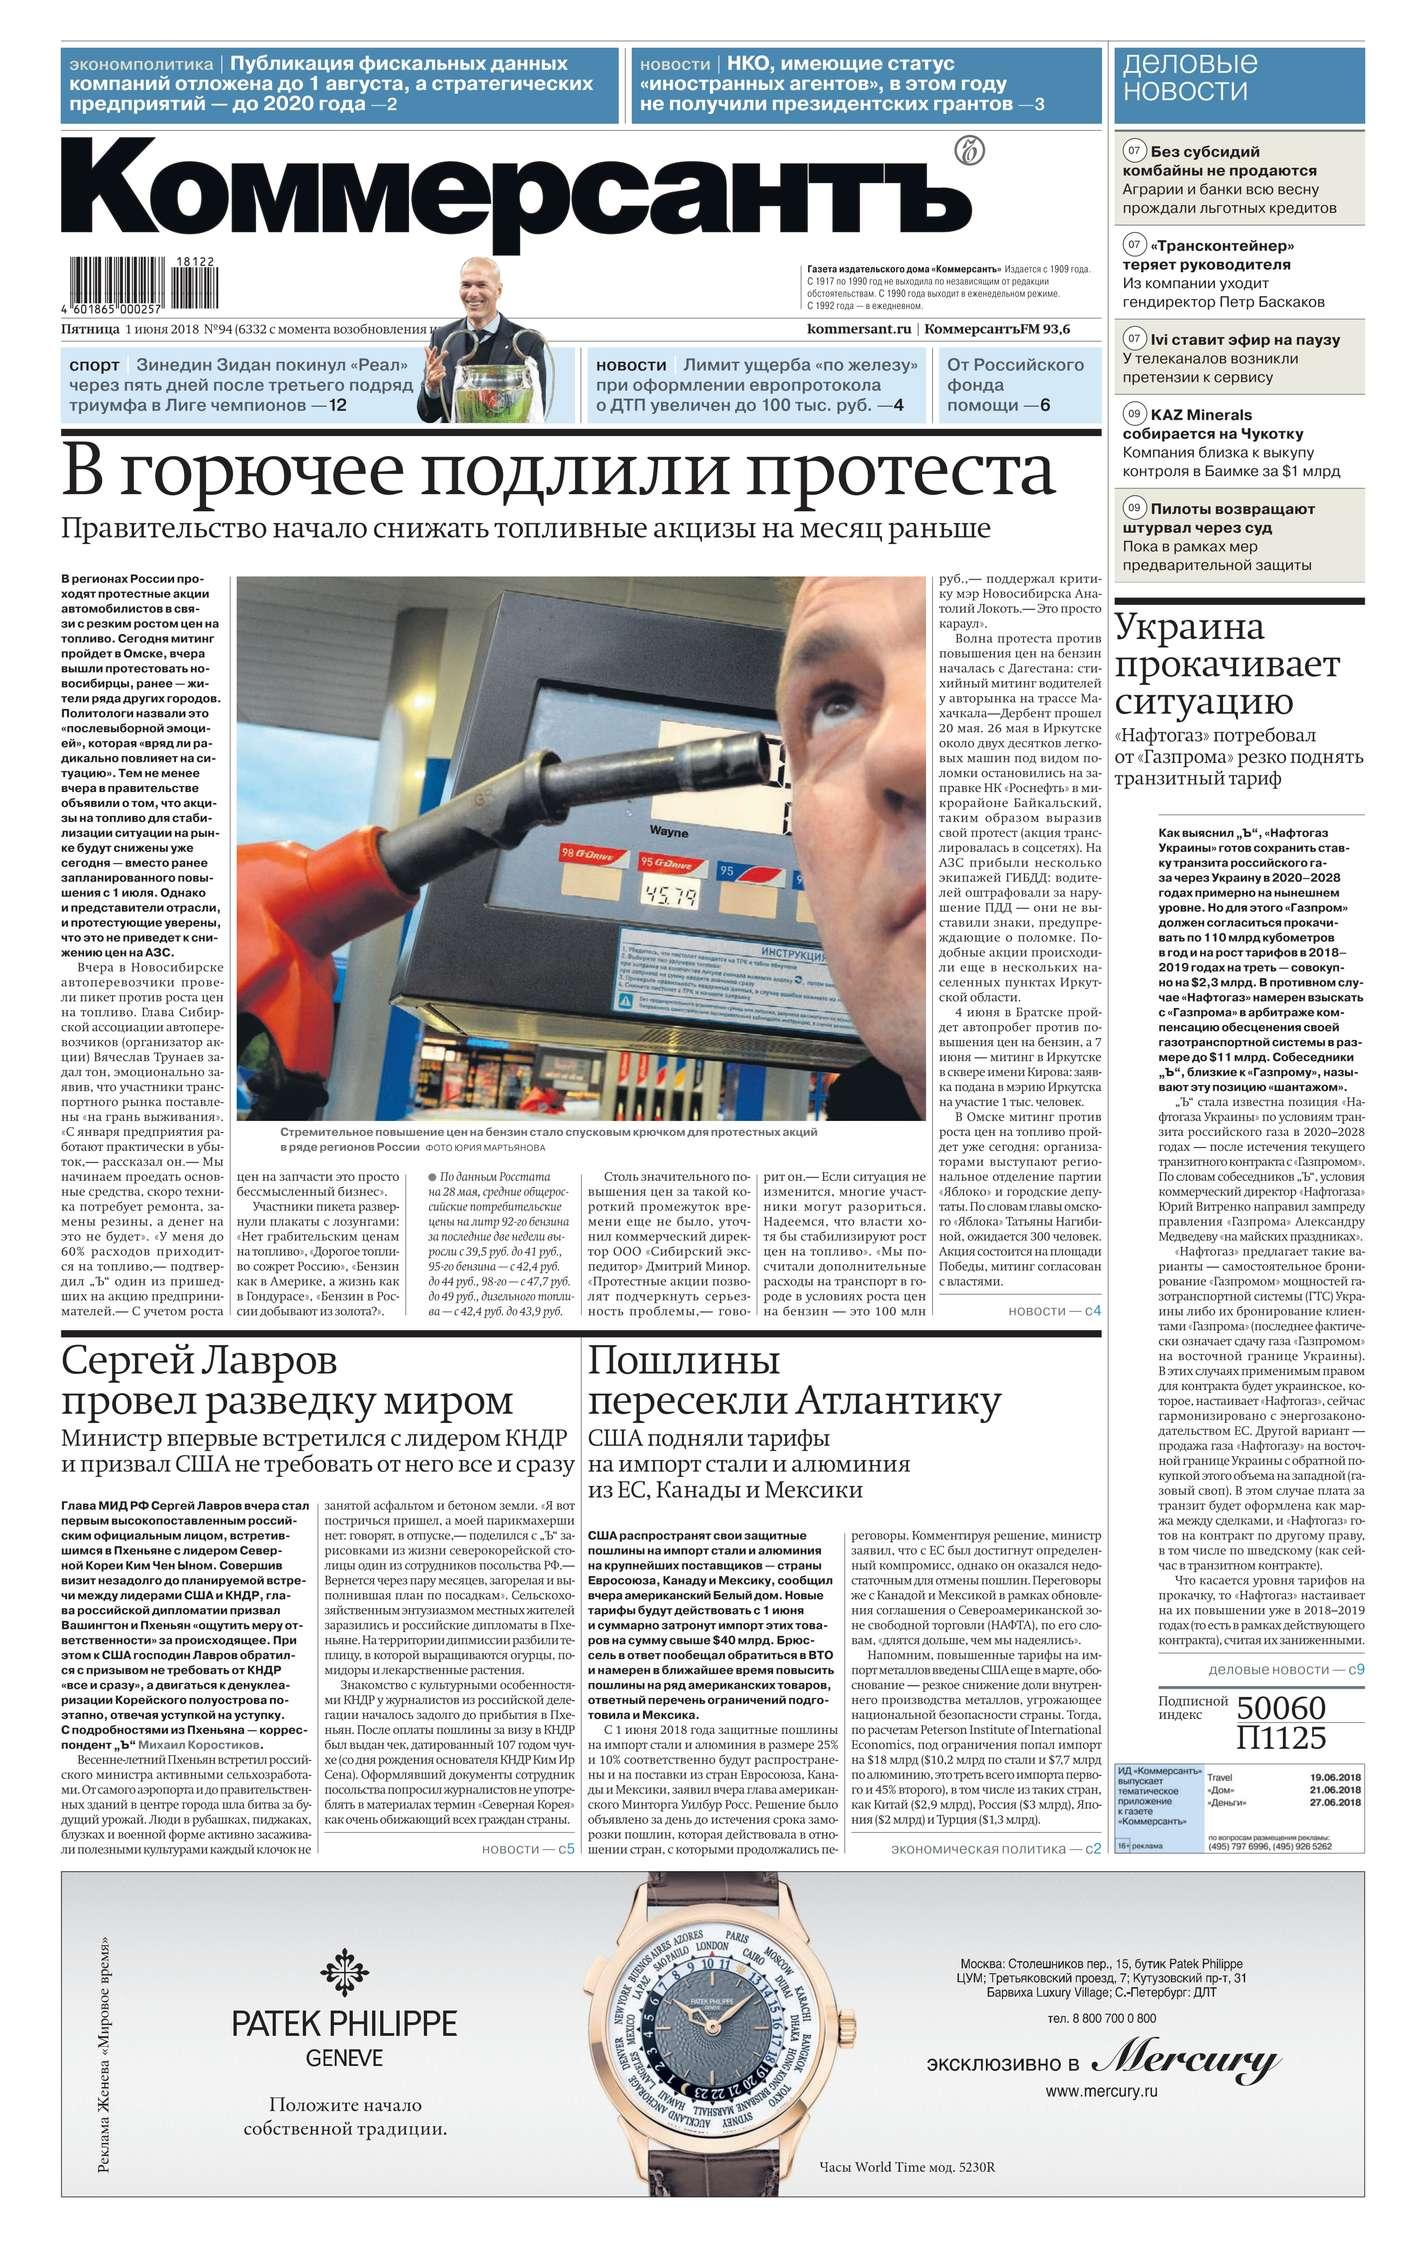 Редакция газеты Коммерсантъ (понедельник-пятница) Коммерсантъ (понедельник-пятница) 94-2018 цена